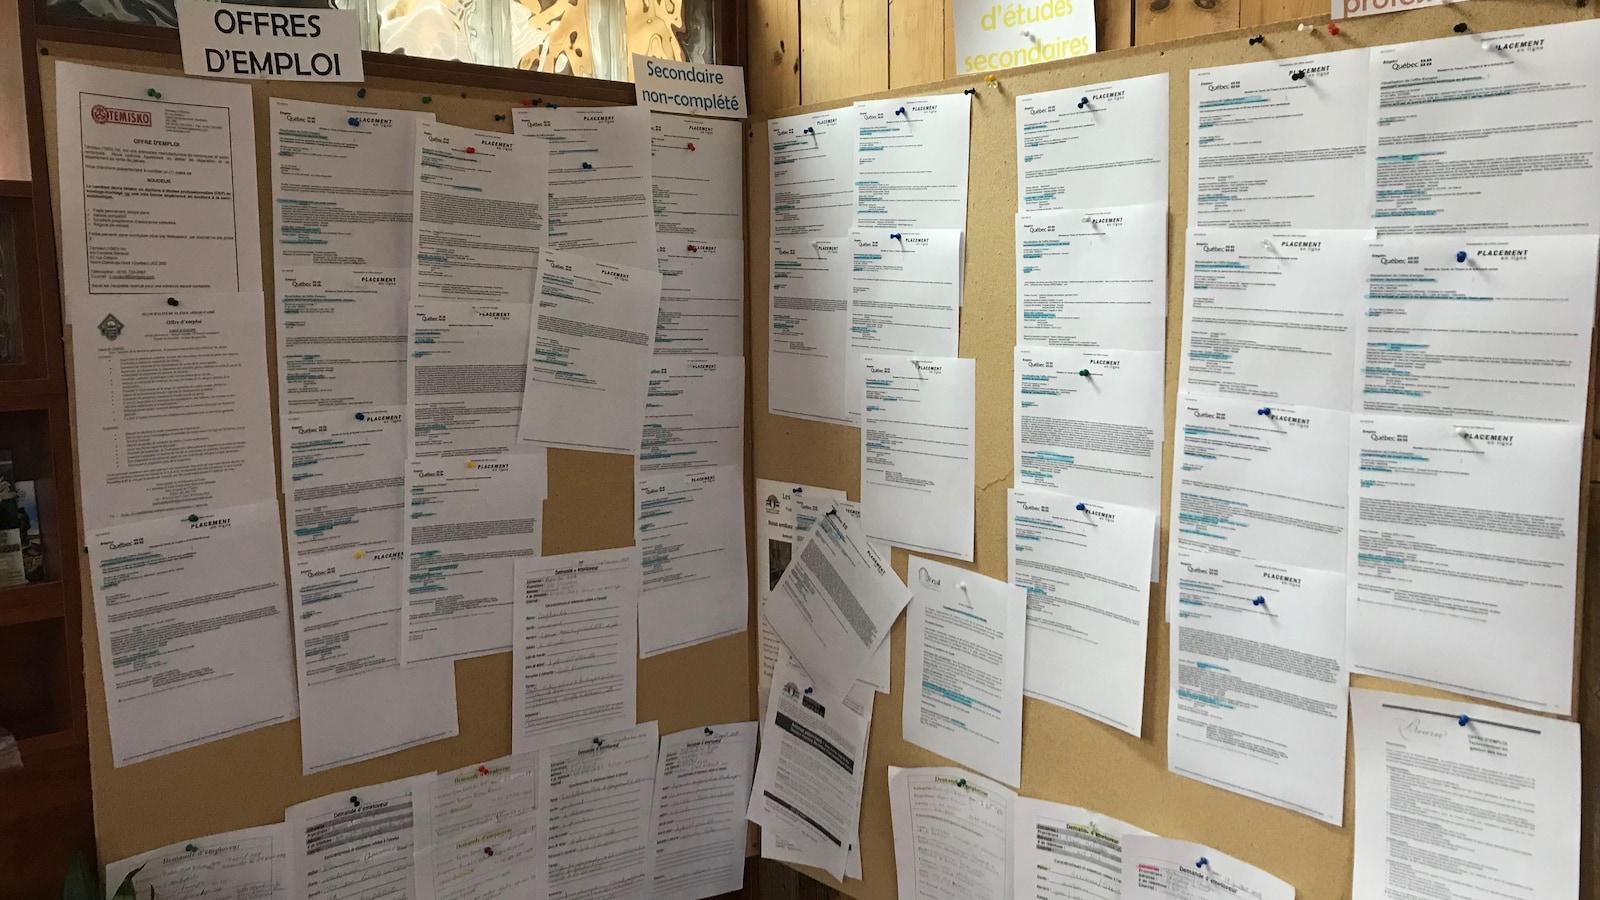 Tableau avec plusieurs feuilles, contenant des offres d'emploi.